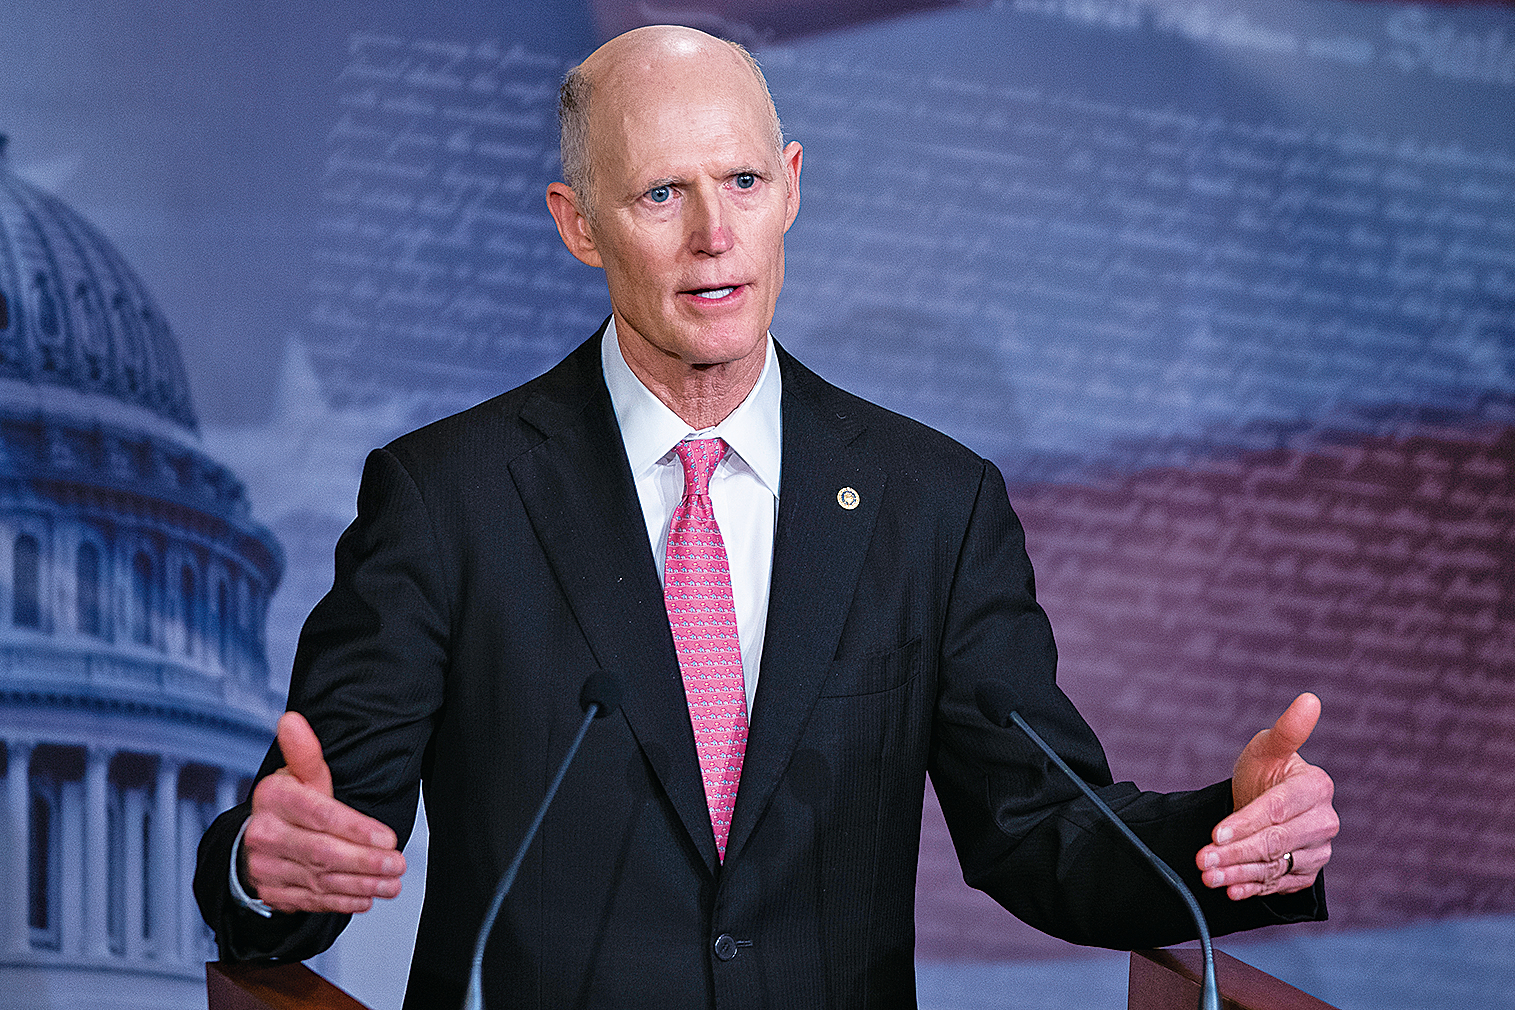 美國參議員斯科特(Rick Scott)表示,中共企圖阻止美國等西方國家開發疫苗。(AFP)